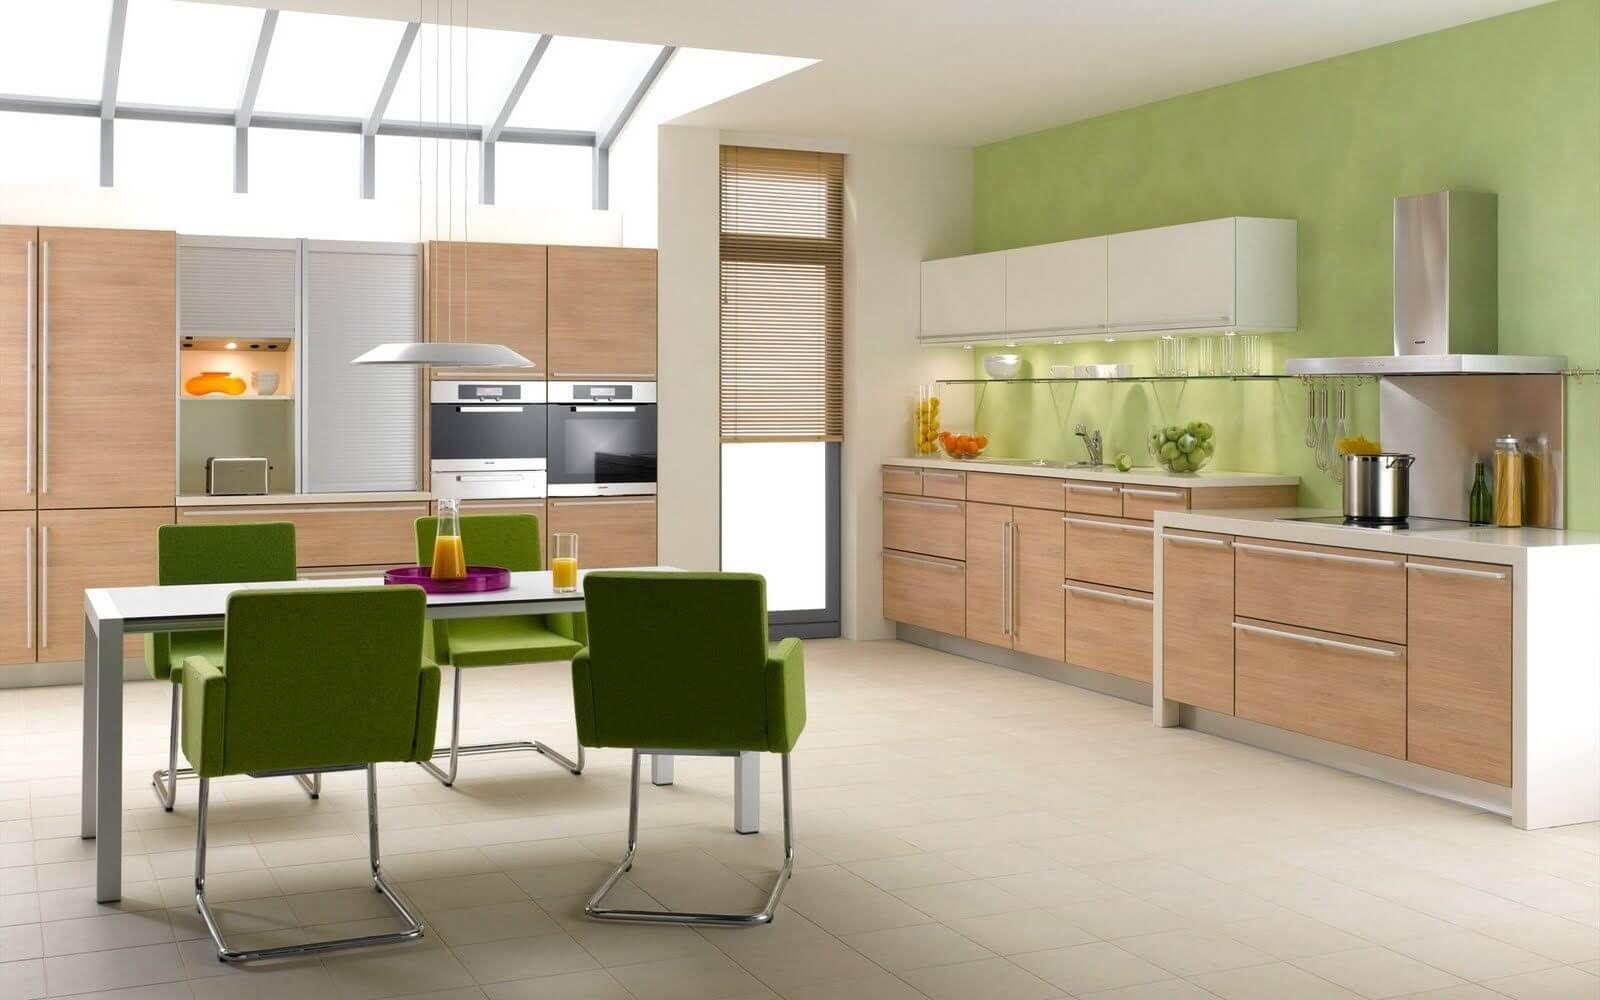 Bluefox Interior Designers & PVC Modular Kitchen in Erode Interior ...